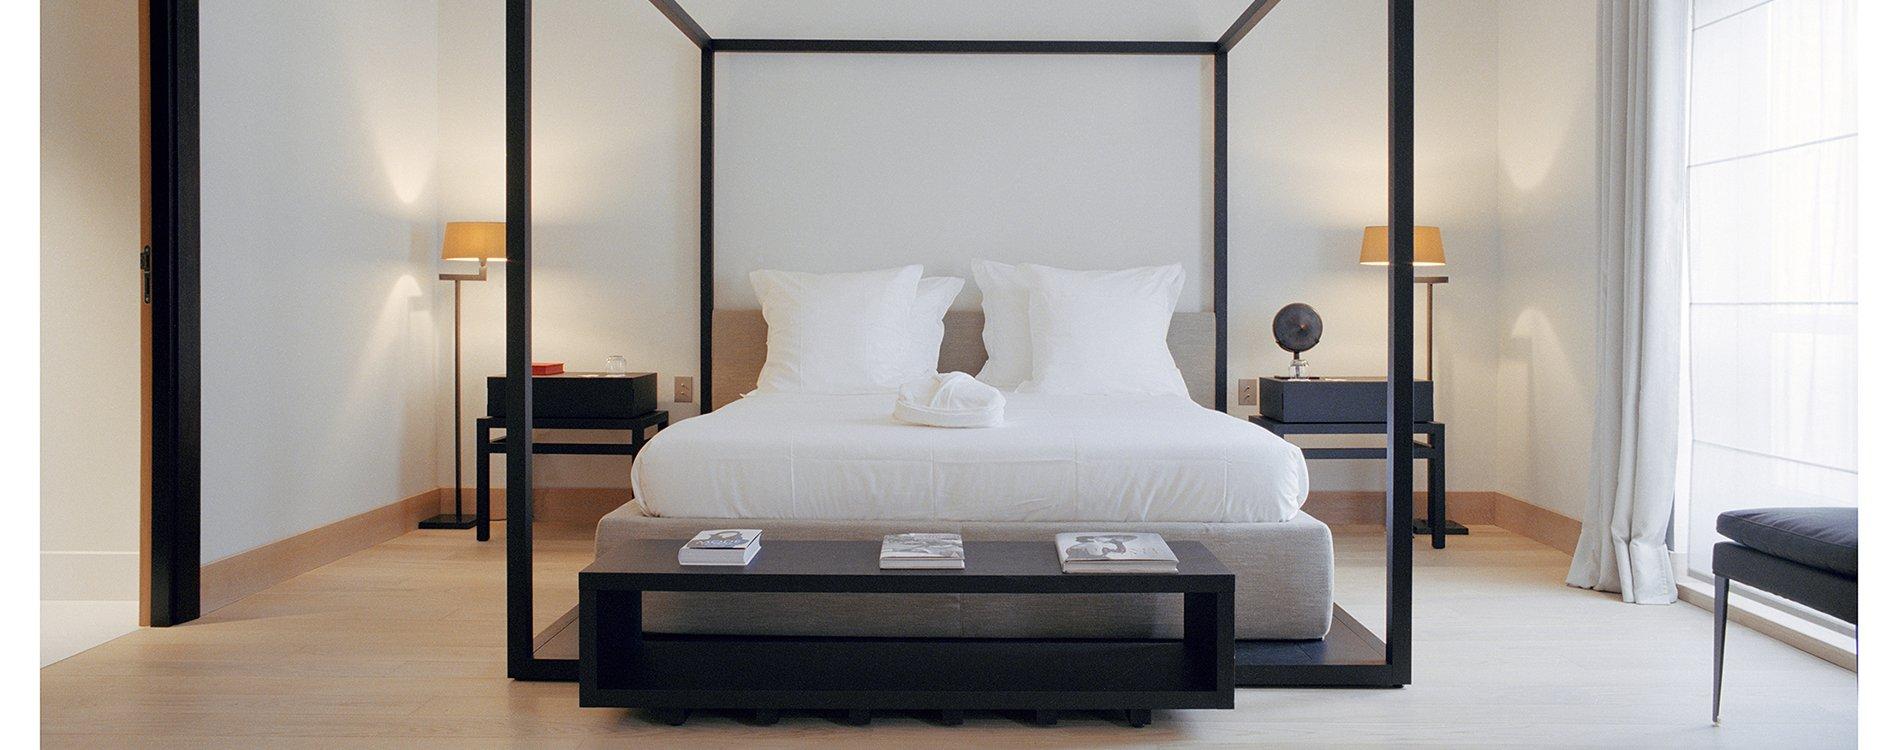 Hotel La Réserve: lujo y sofisticación en pleno centro de París